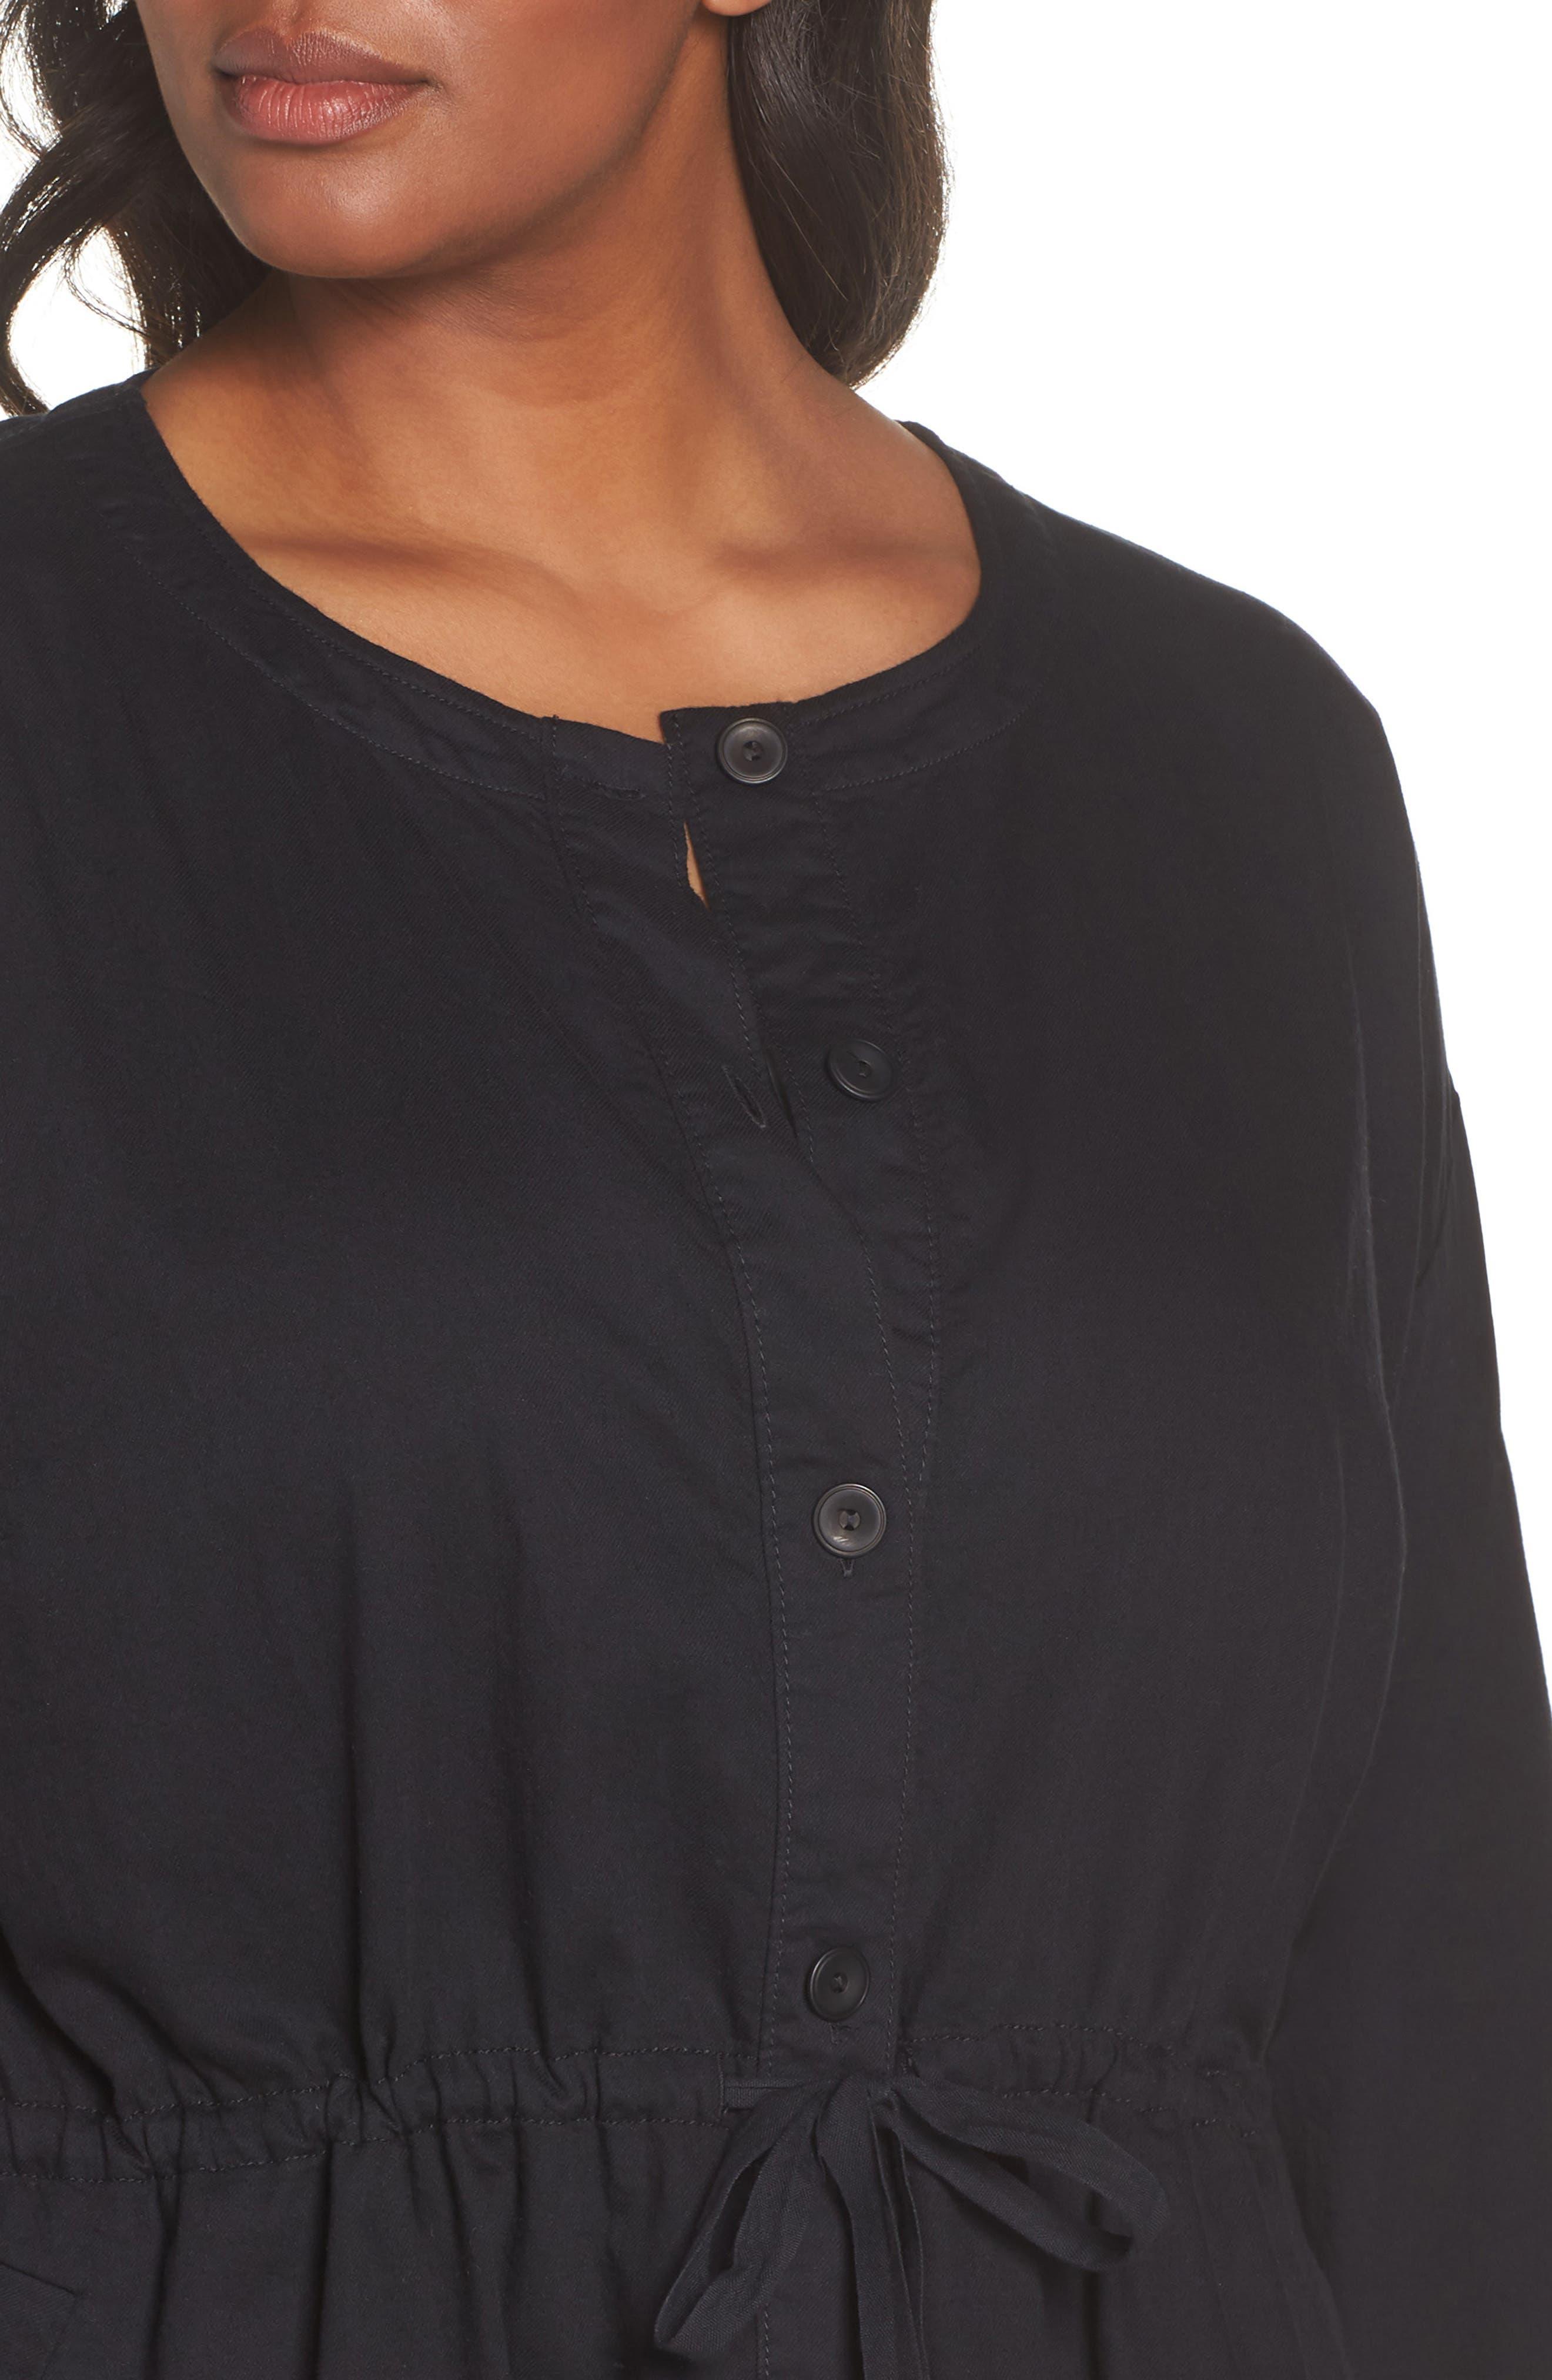 Shirttail Hem Organic Cotton Jacket,                             Alternate thumbnail 4, color,                             Black